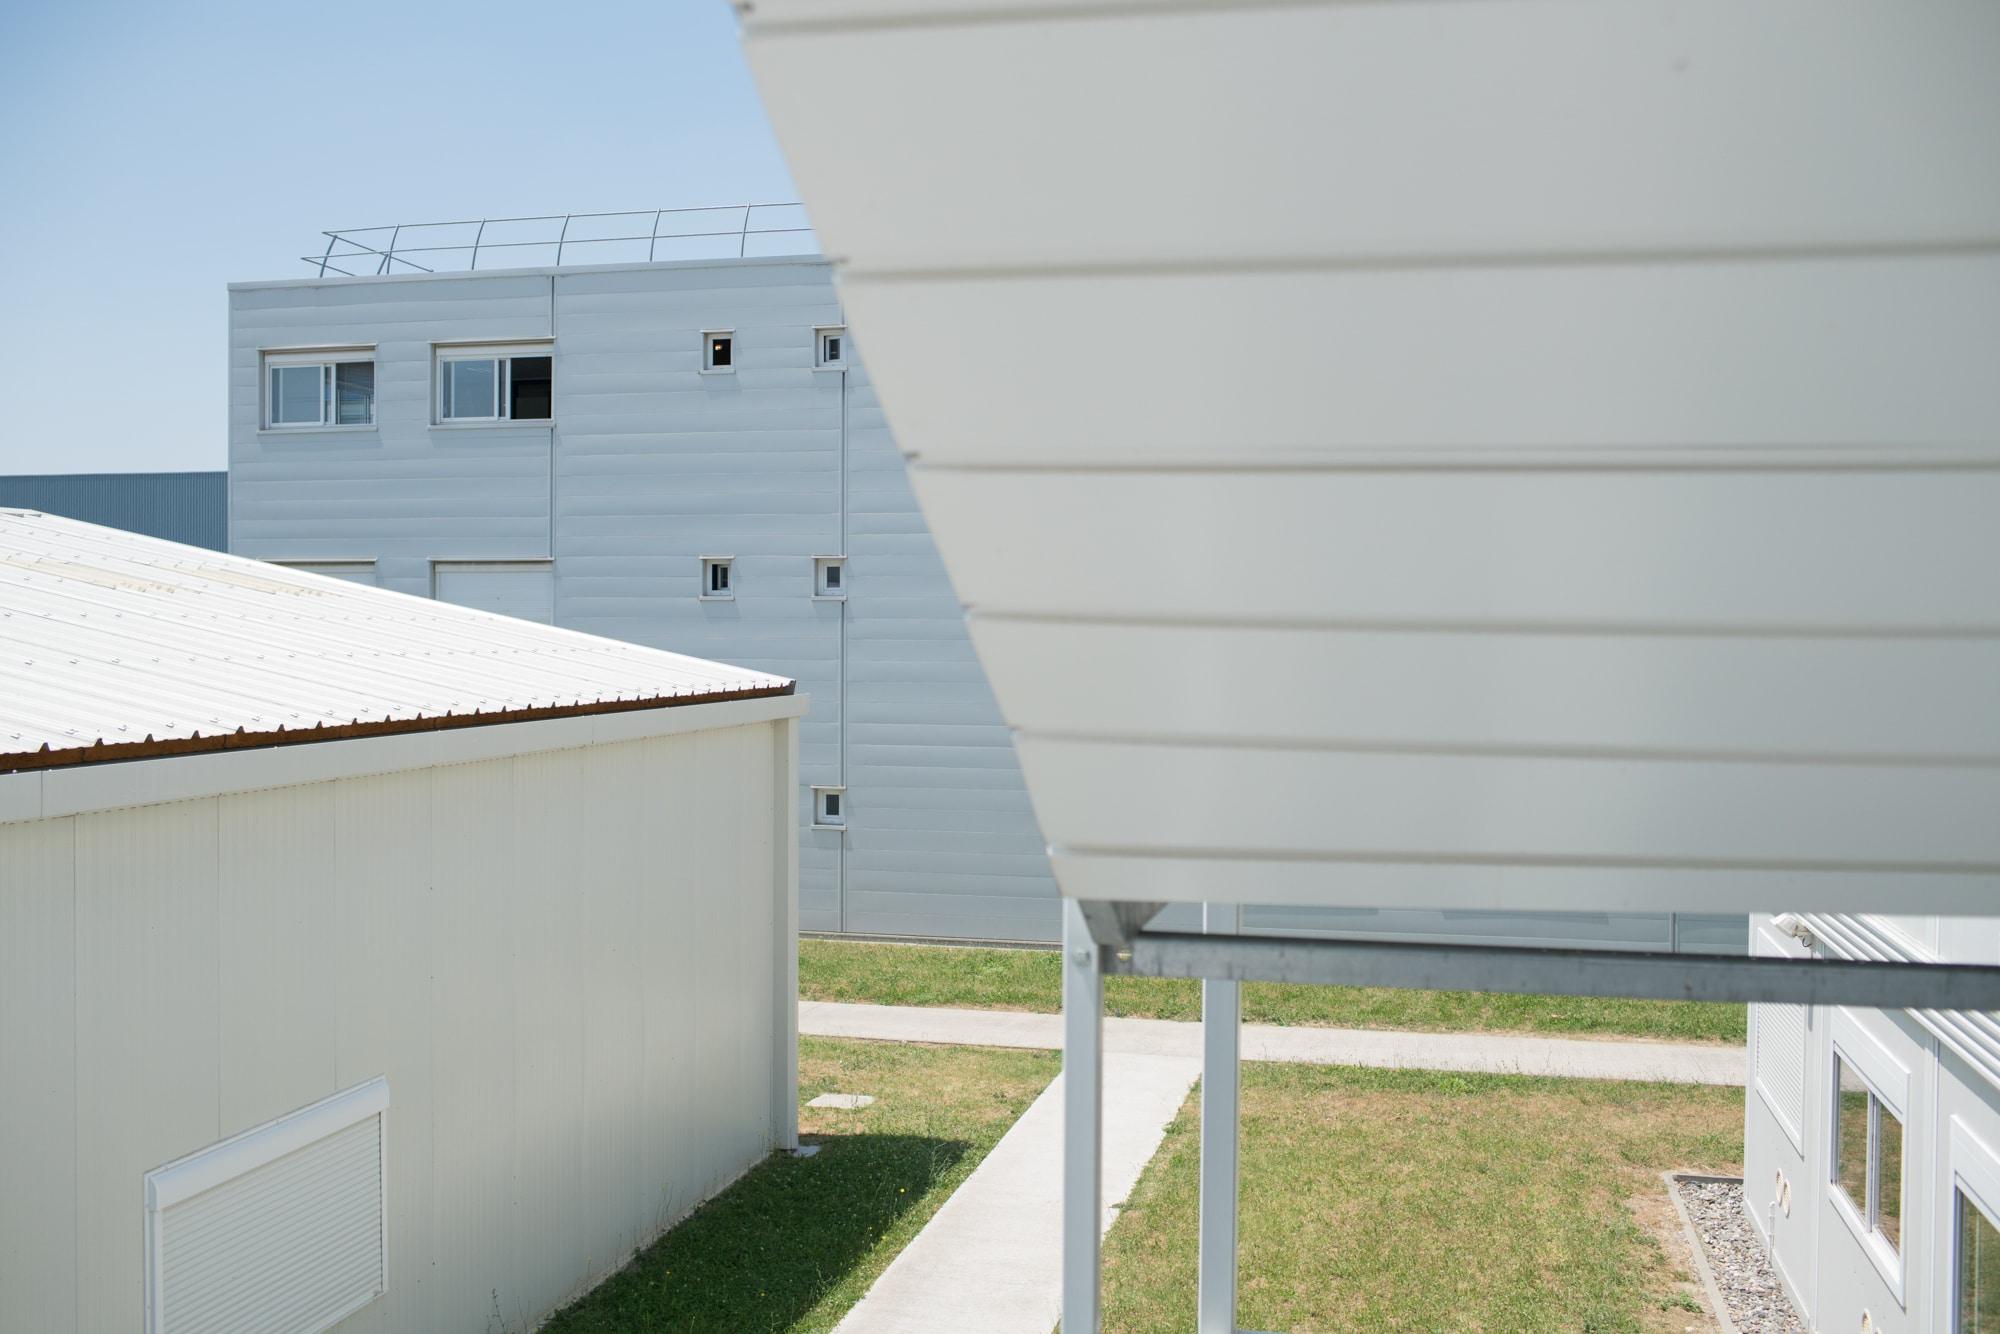 Vue extérieure d'un enchevêtrement de préfabriqués blancs, lieu de travail de Christophe